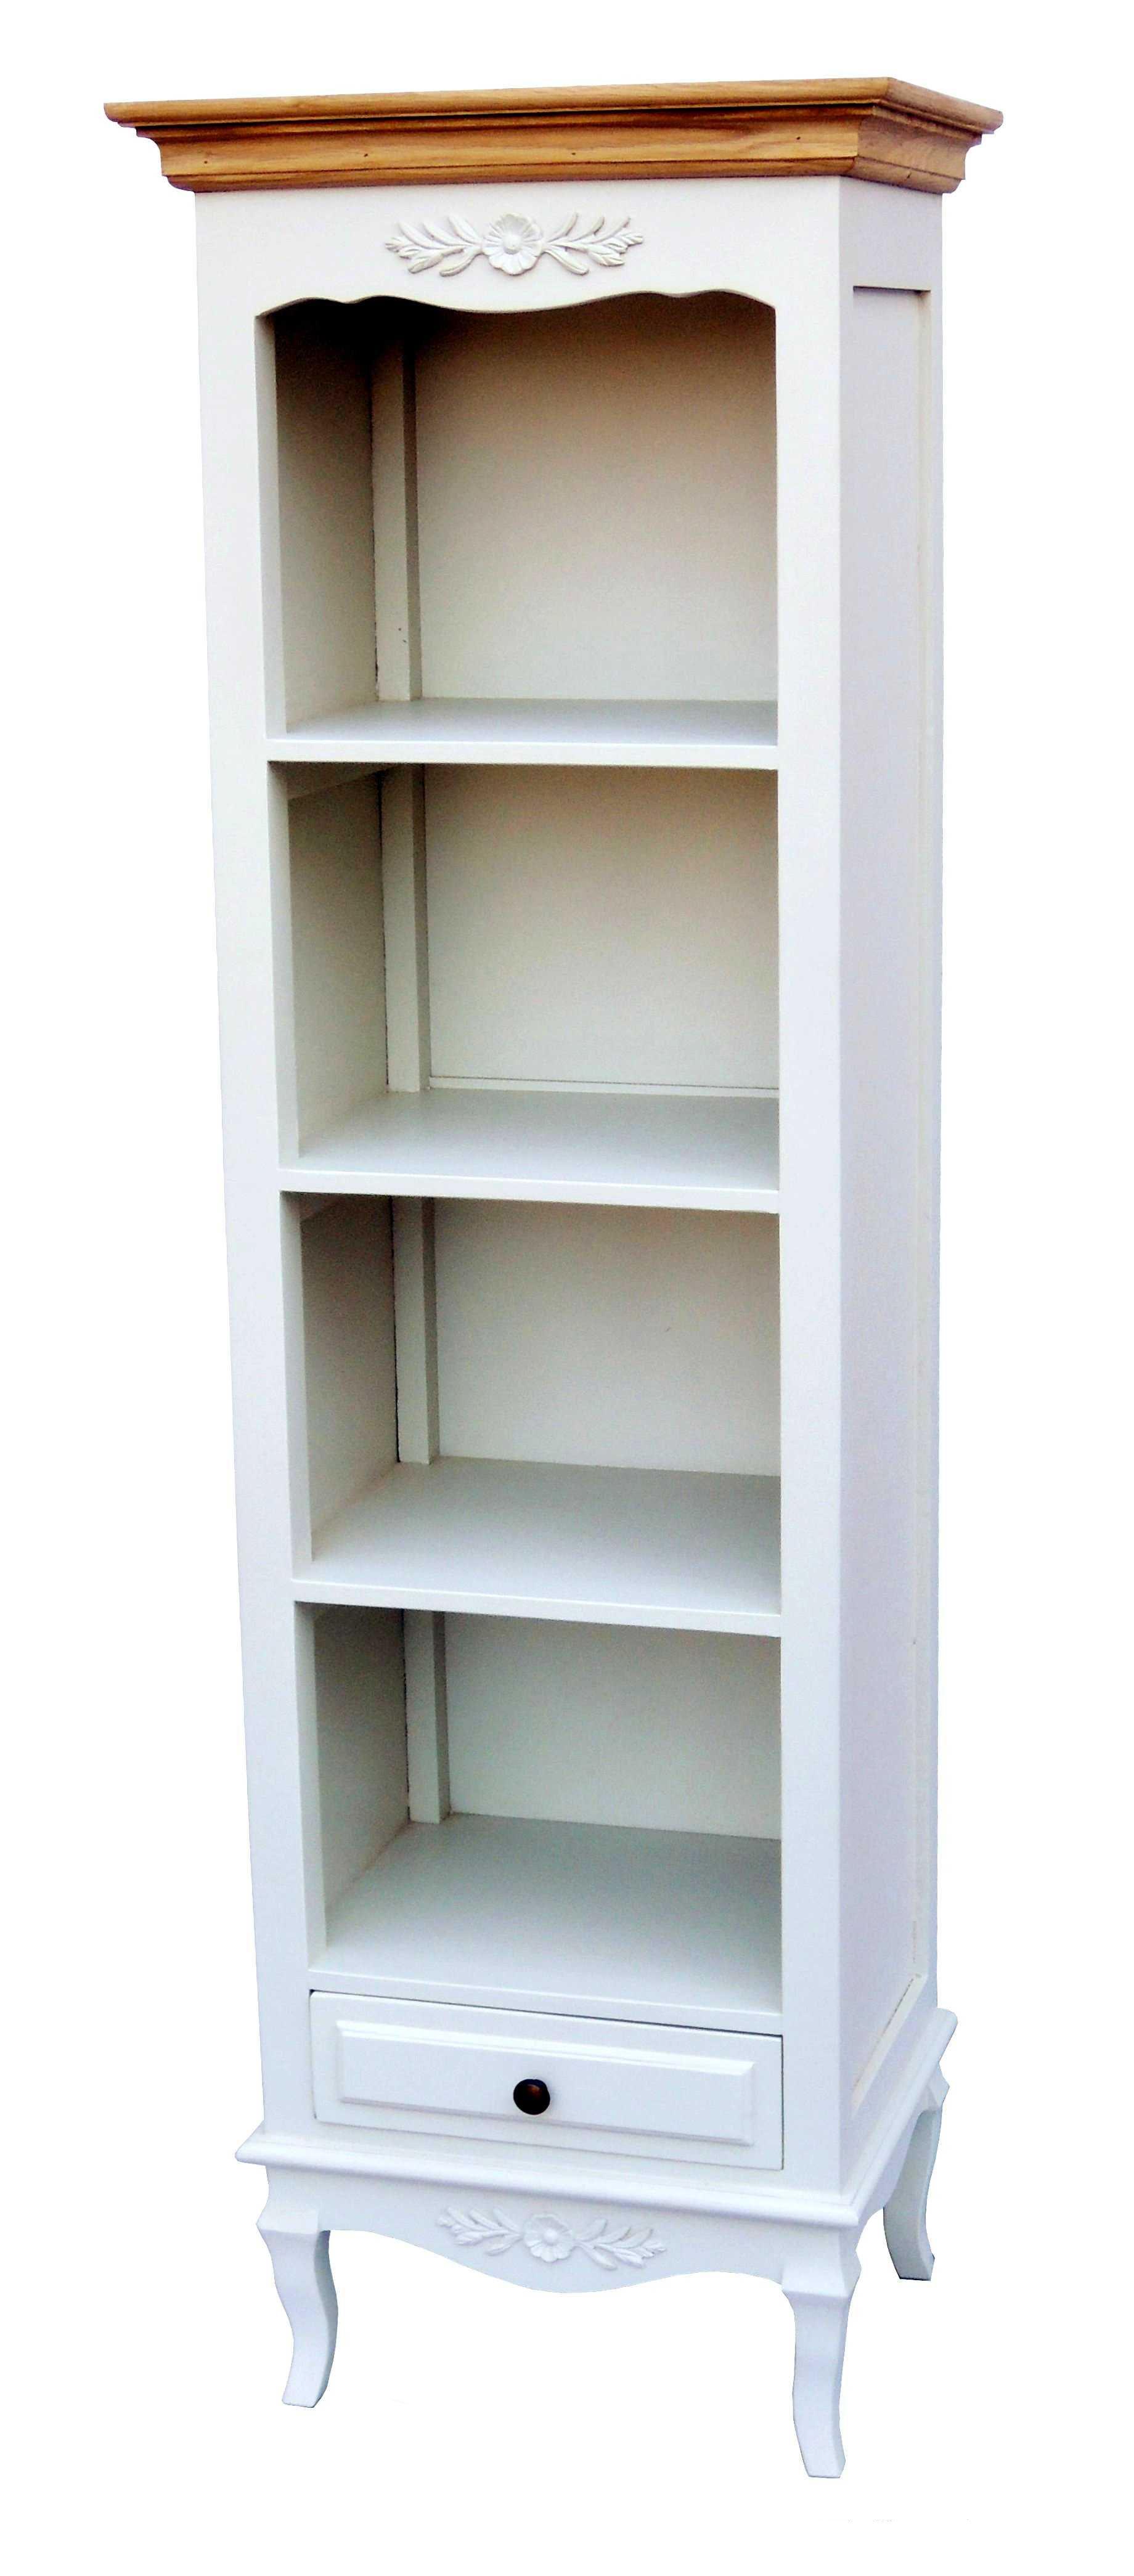 Antica soffitta libreria scaffale 161cm legno bianco e for Scaffale legno bianco